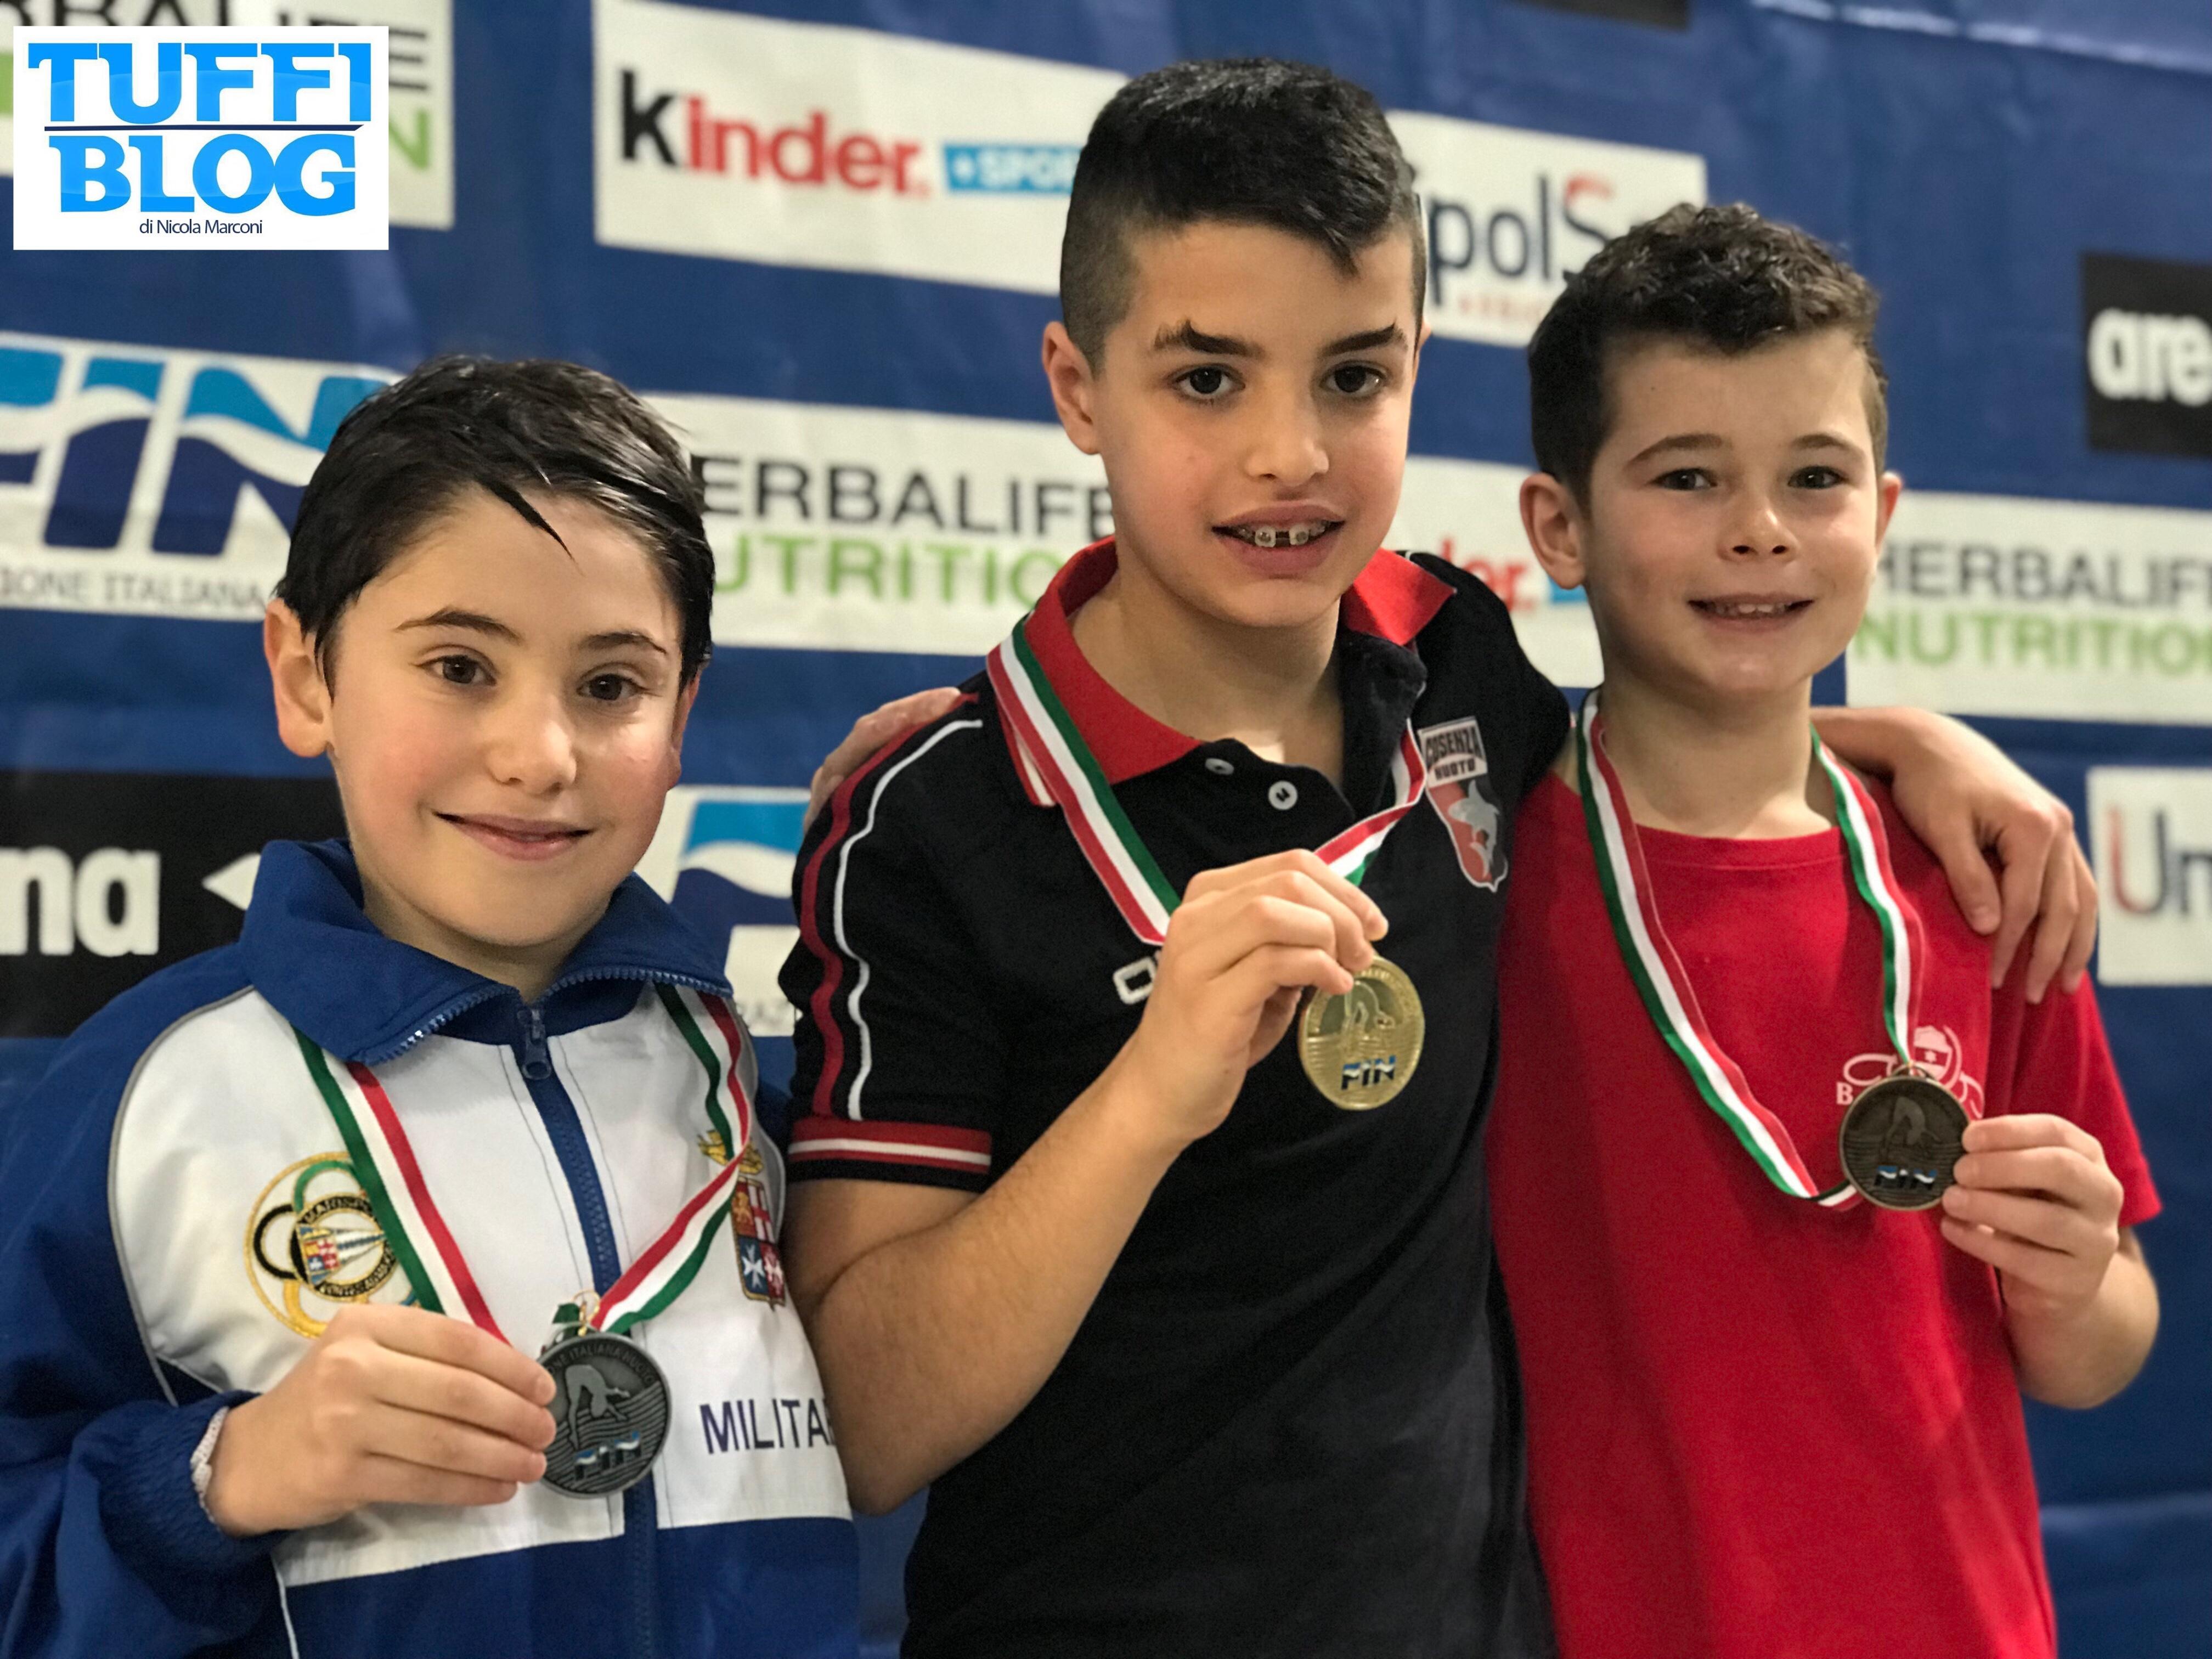 Prima Prova Nazionale Giovanissimi: Trieste - i risultati della seconda mattina di gare